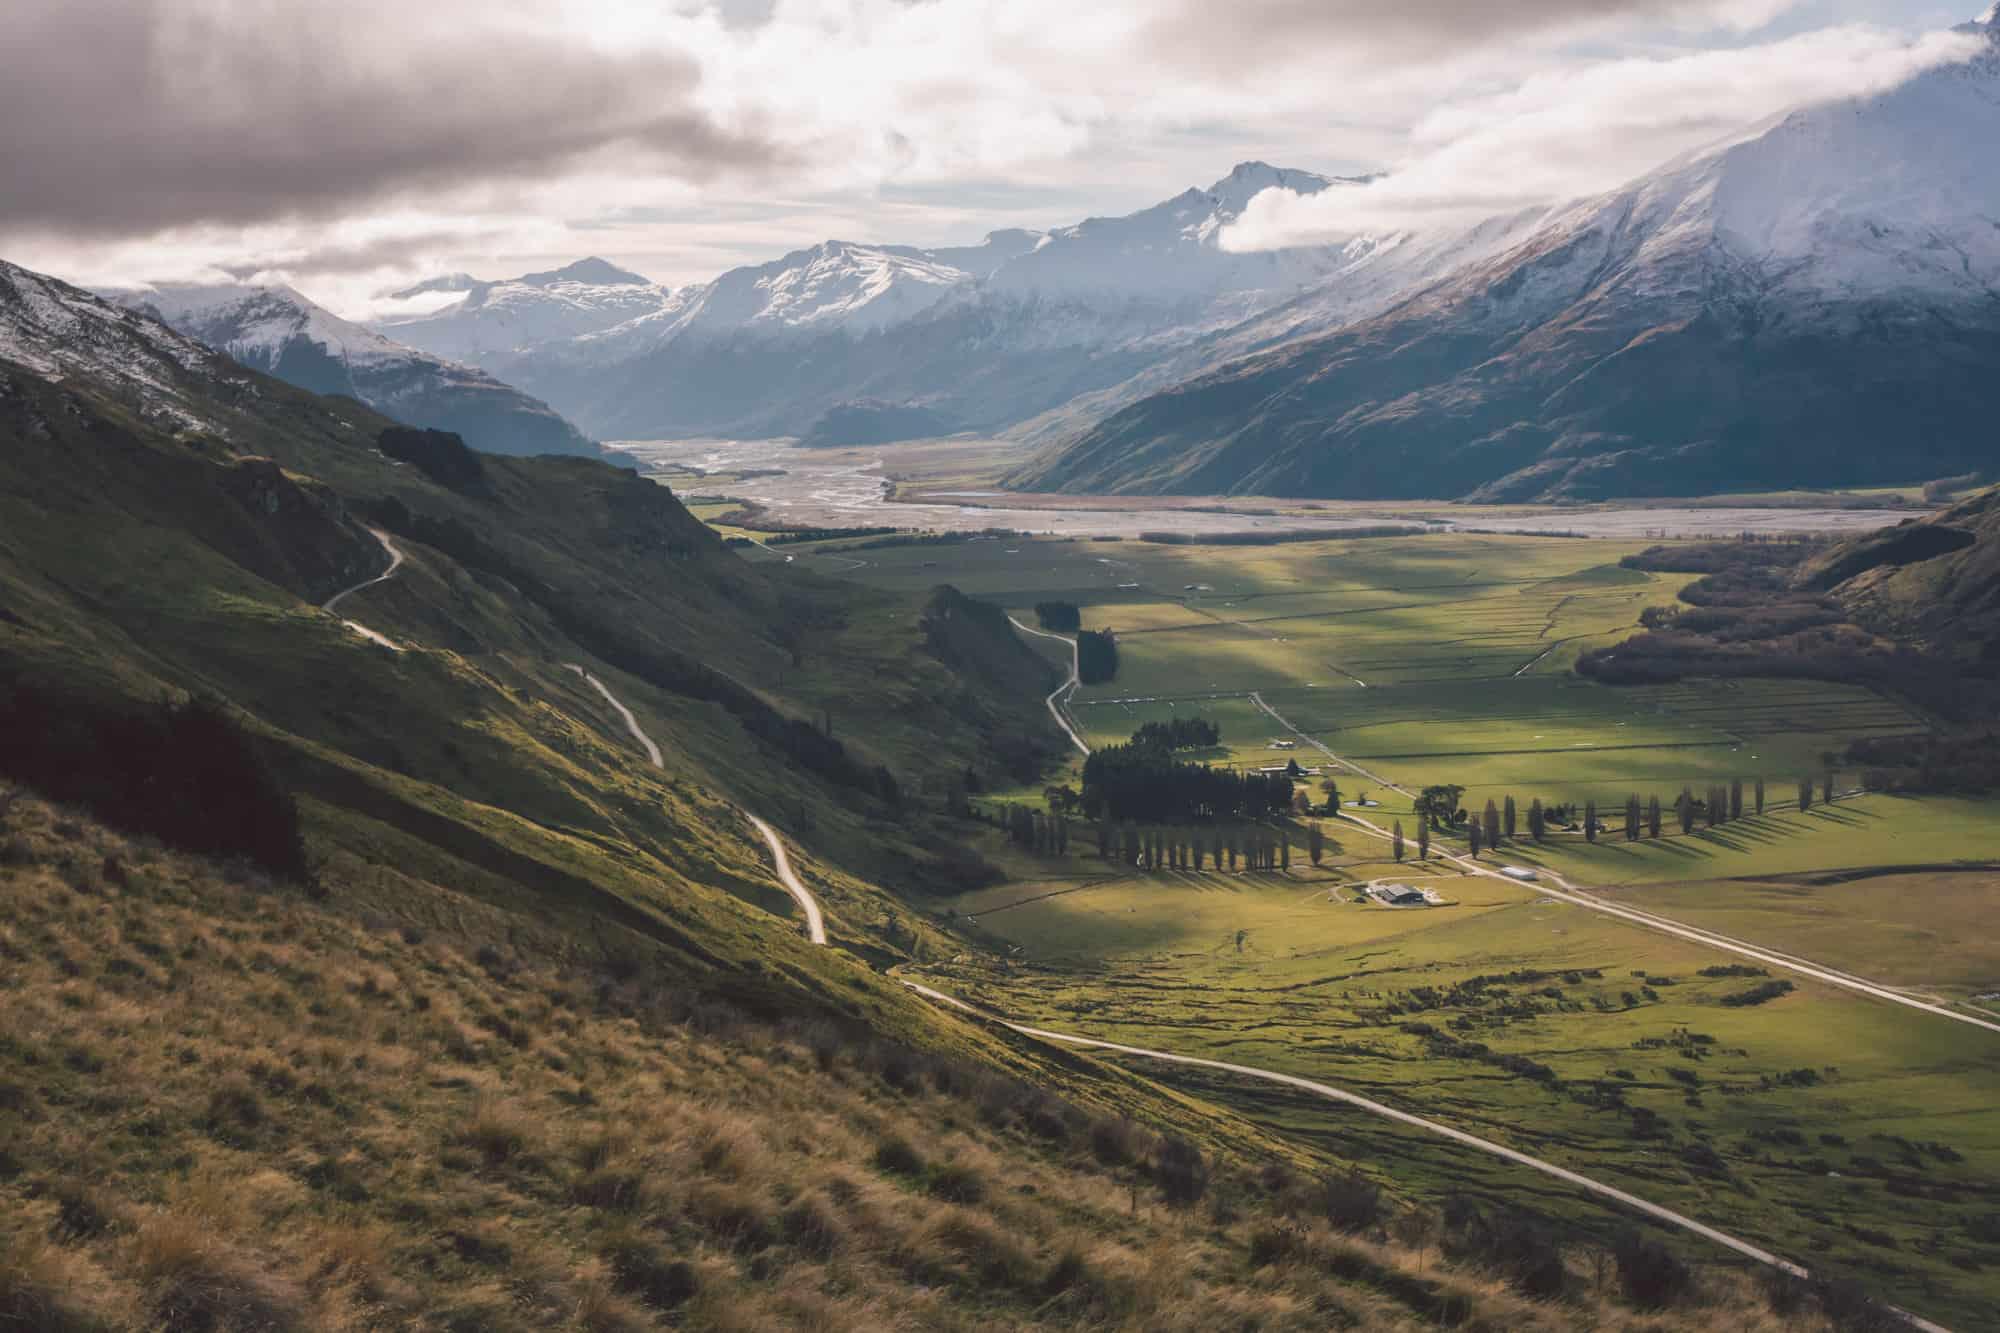 Via Ferrata New Zealand